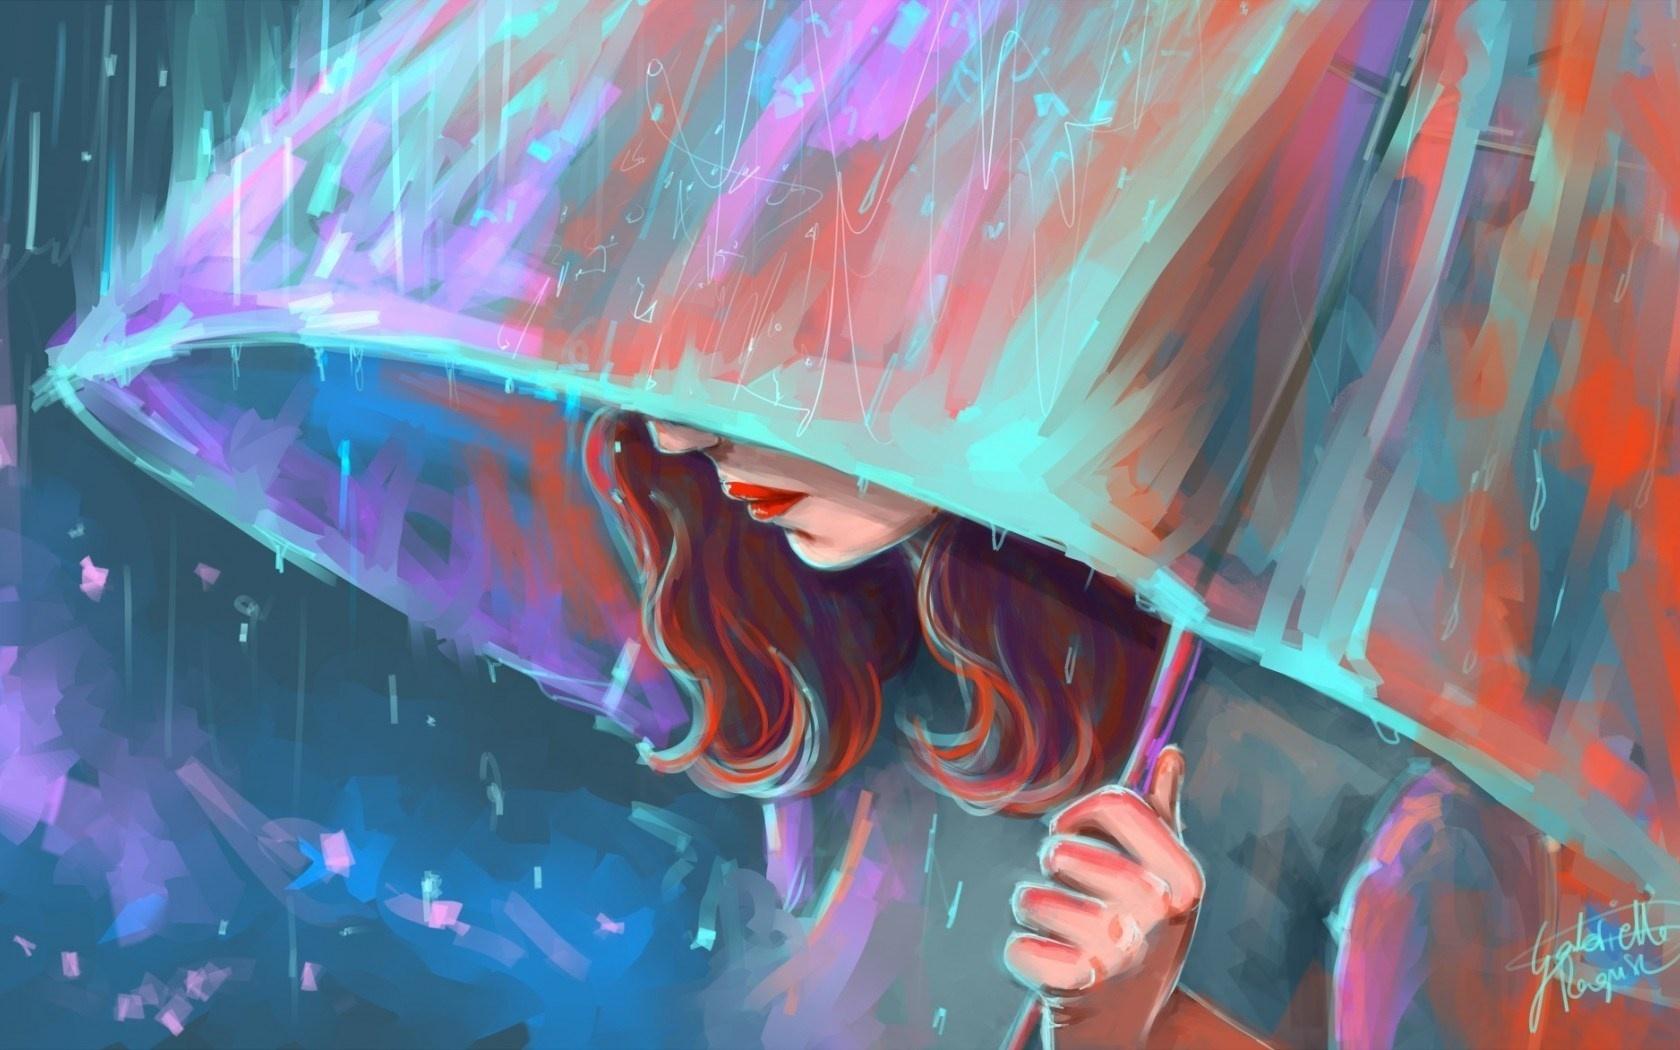 Drawn rain umbrella rain With A Of In In